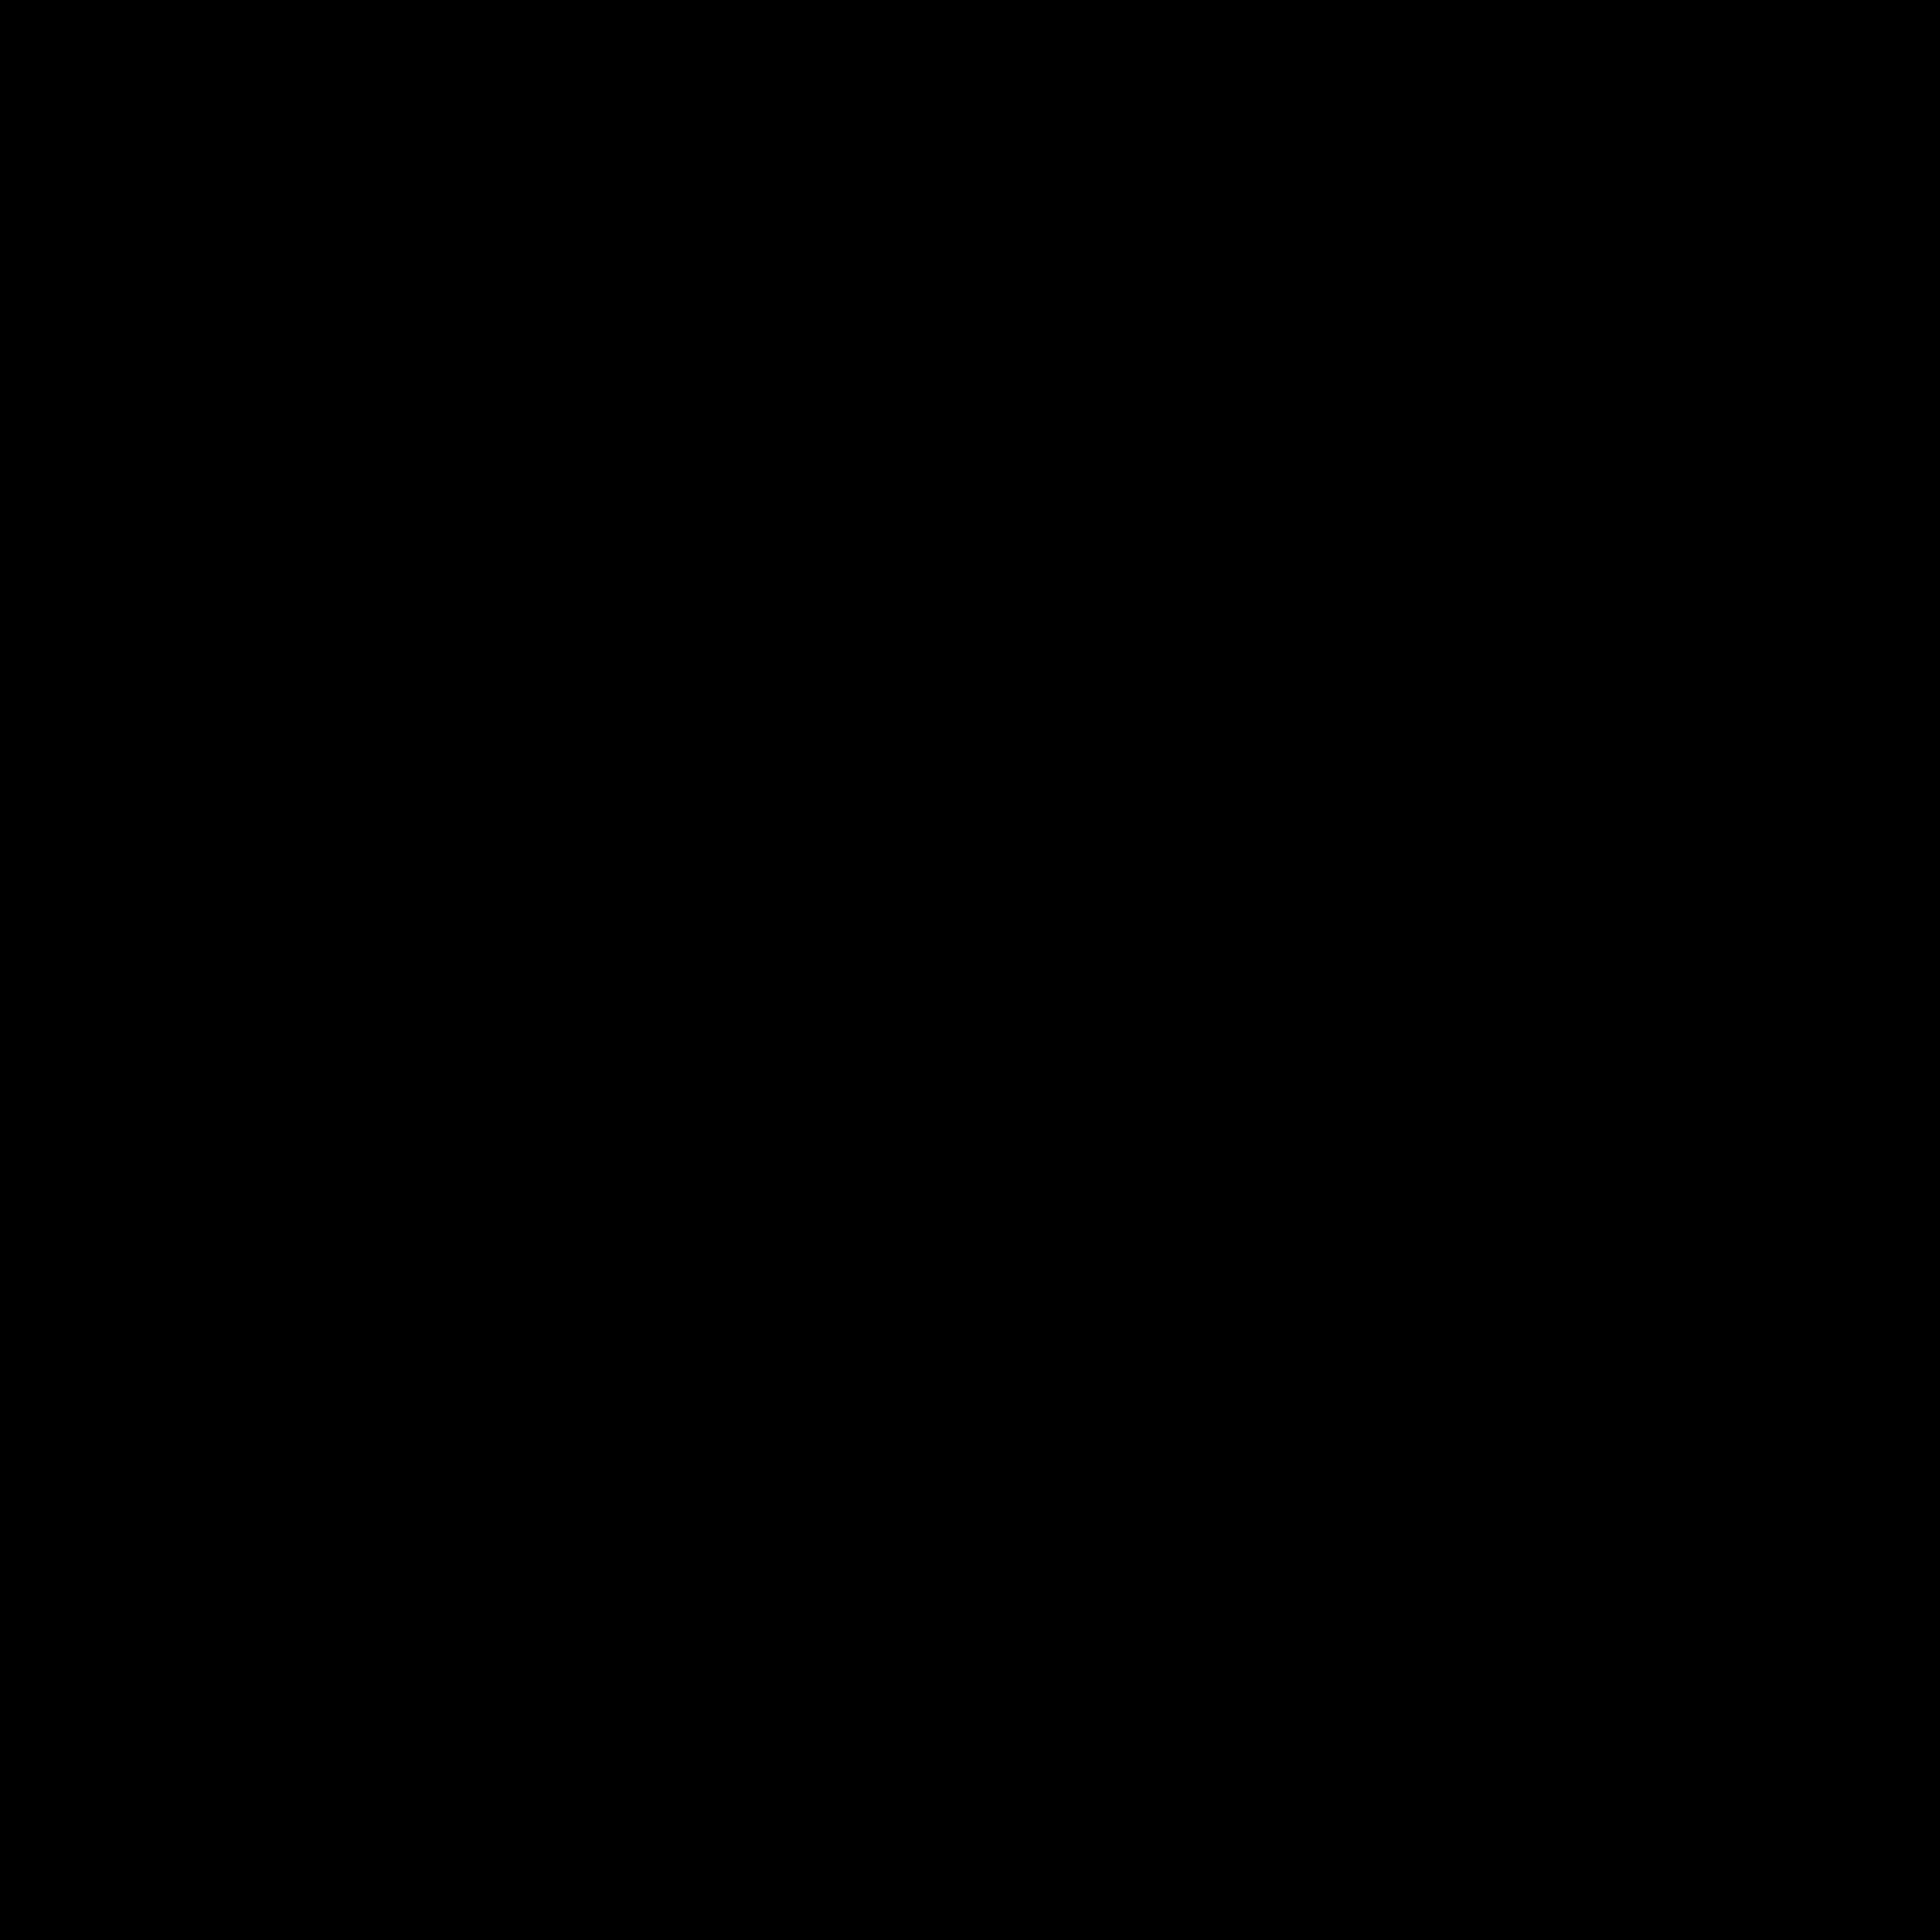 CheekyClean housekeepers is seeking a new logo designer